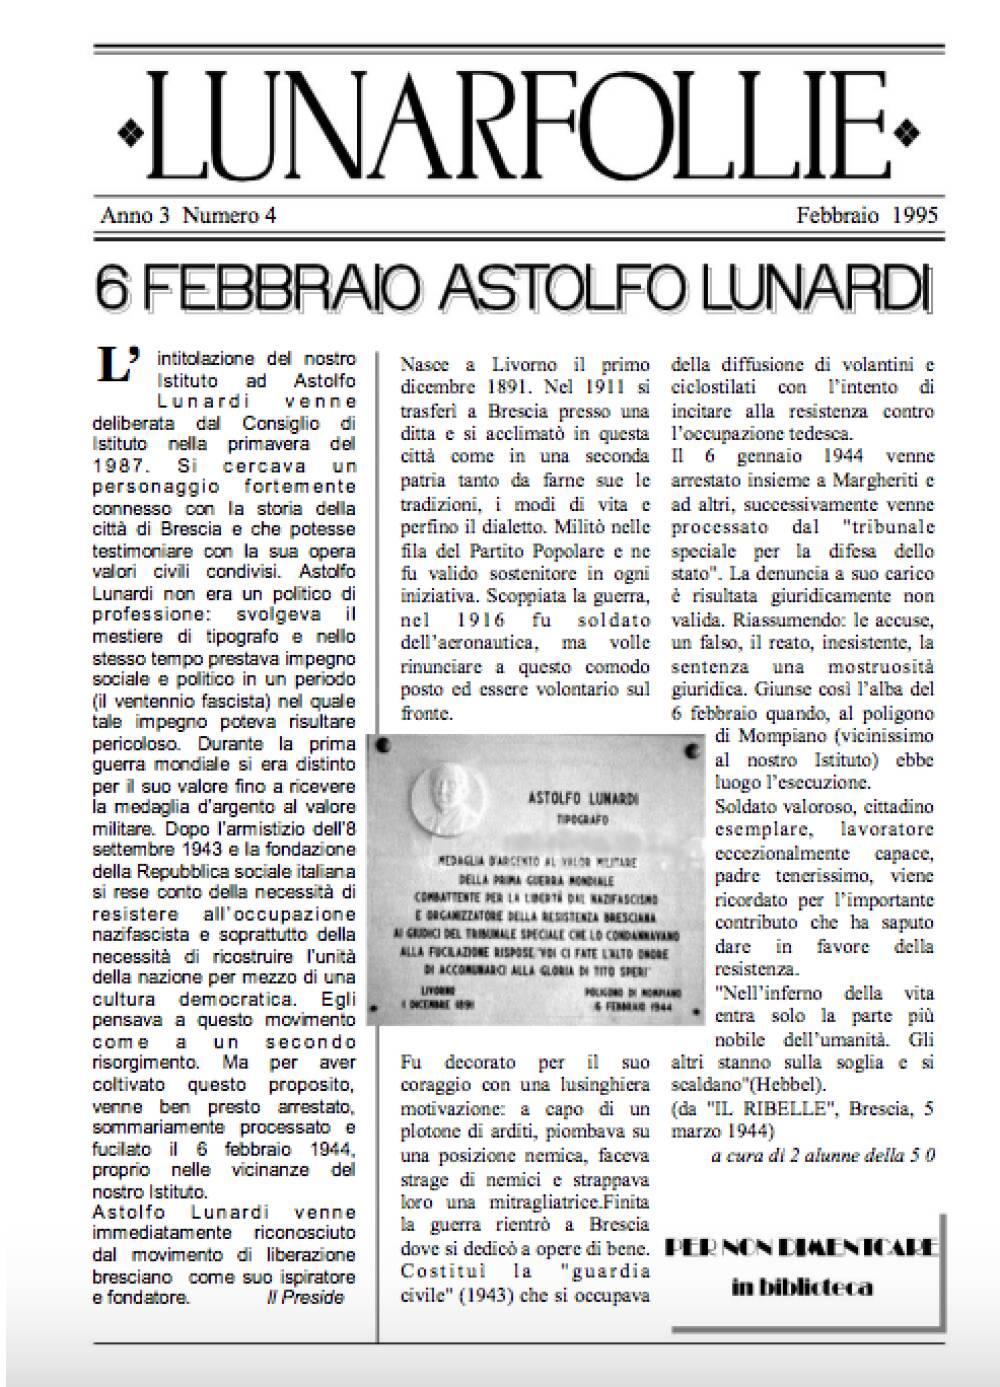 Lunarfollie febbraio 1995